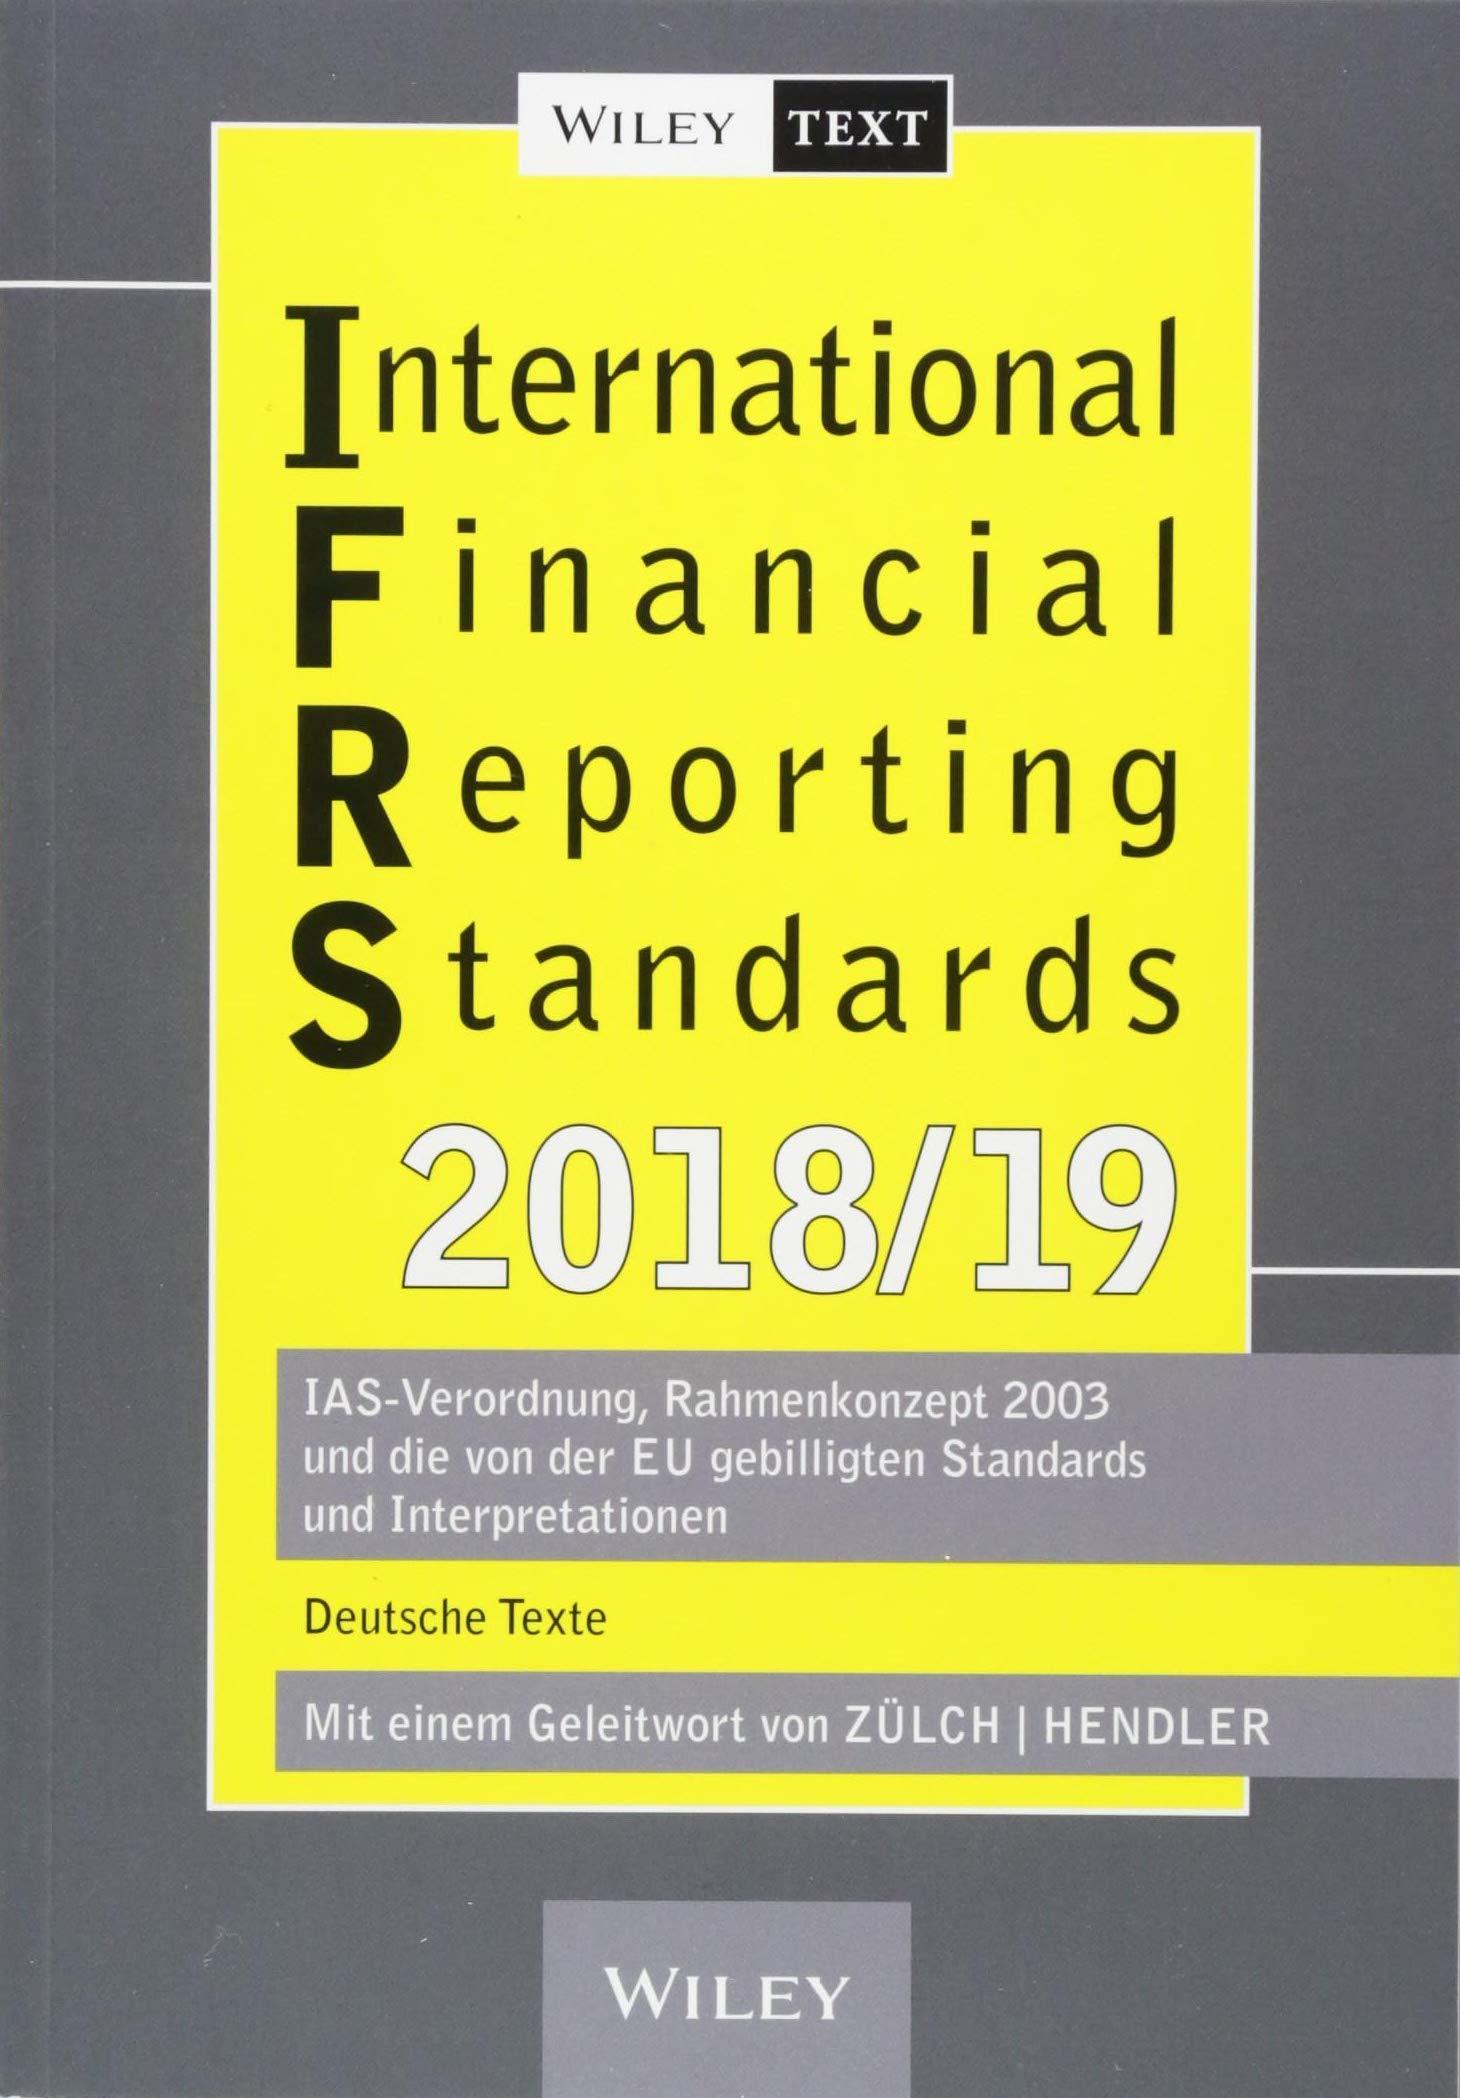 International Financial Reporting Standards  IFRS  2018 2019  IAS Verordnung Rahmenkonzept 2003 Und Die Von Der EU Gebilligten Standards Und Interpretationen   Deutsche Texte